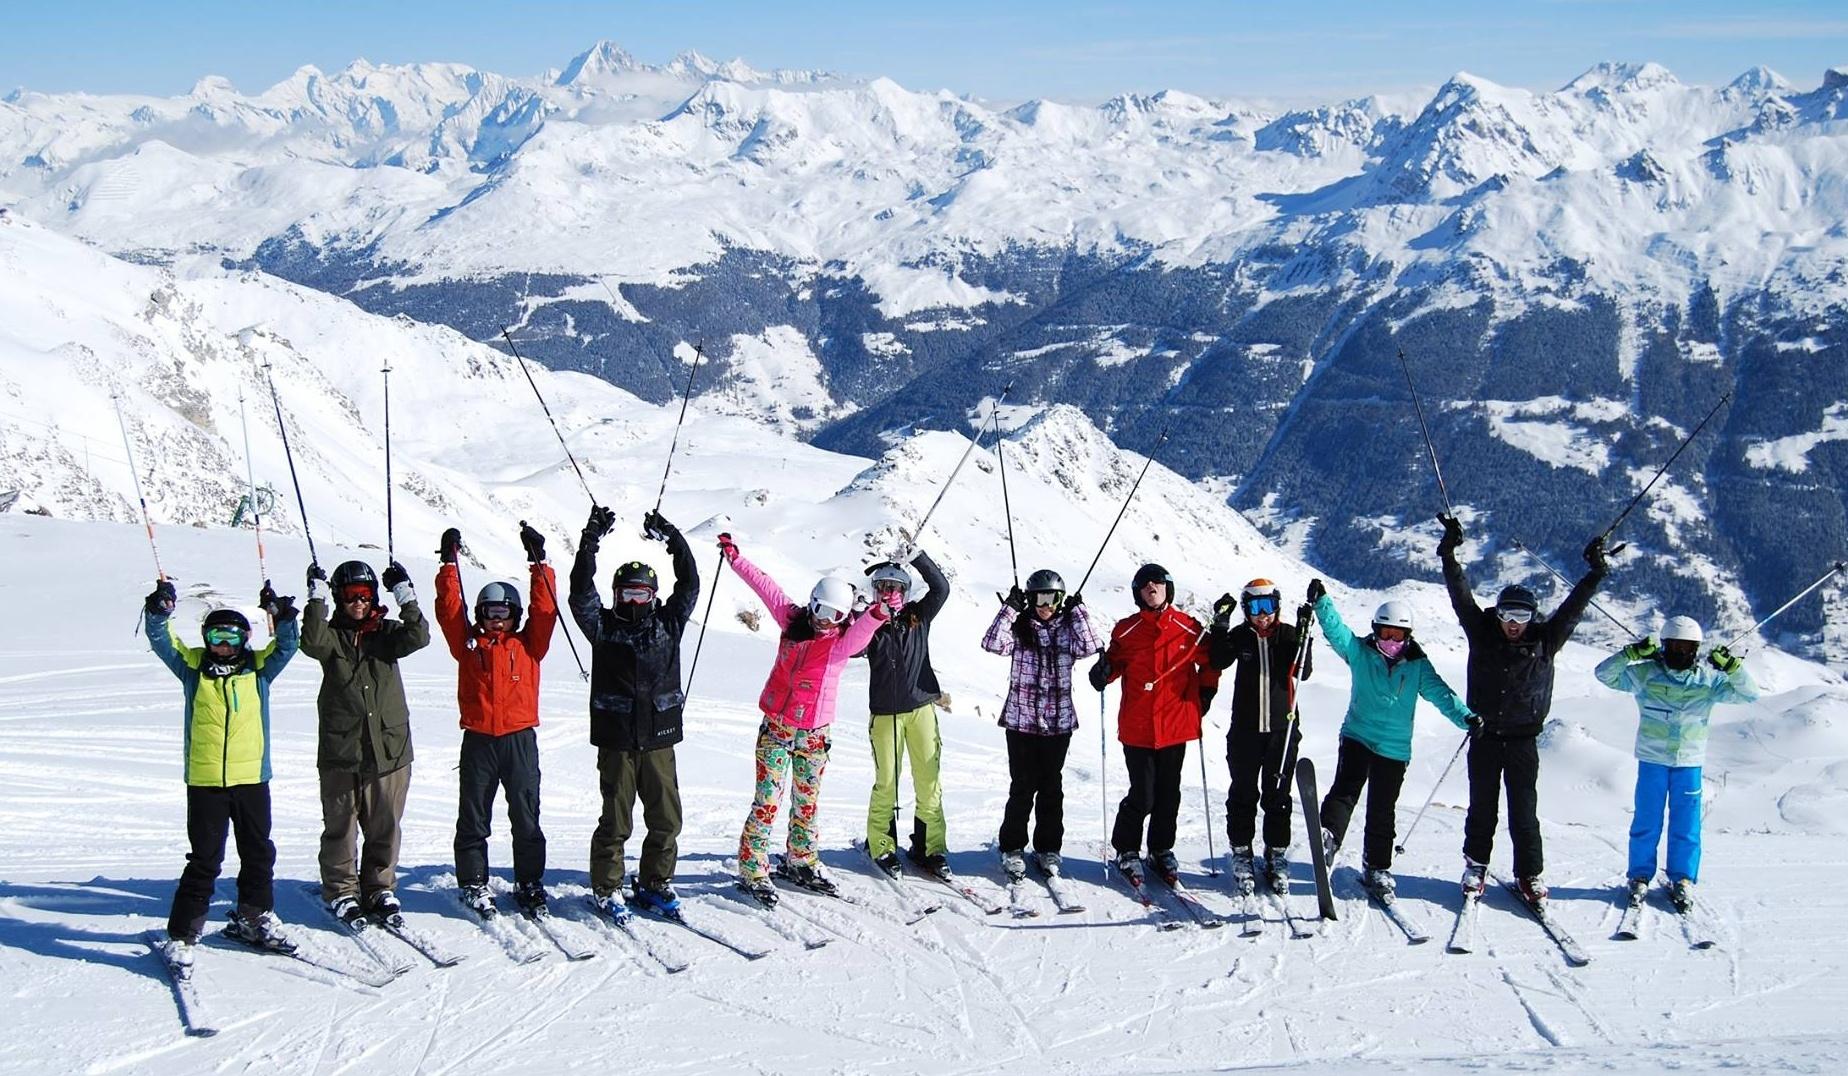 ski fun in swiss alps